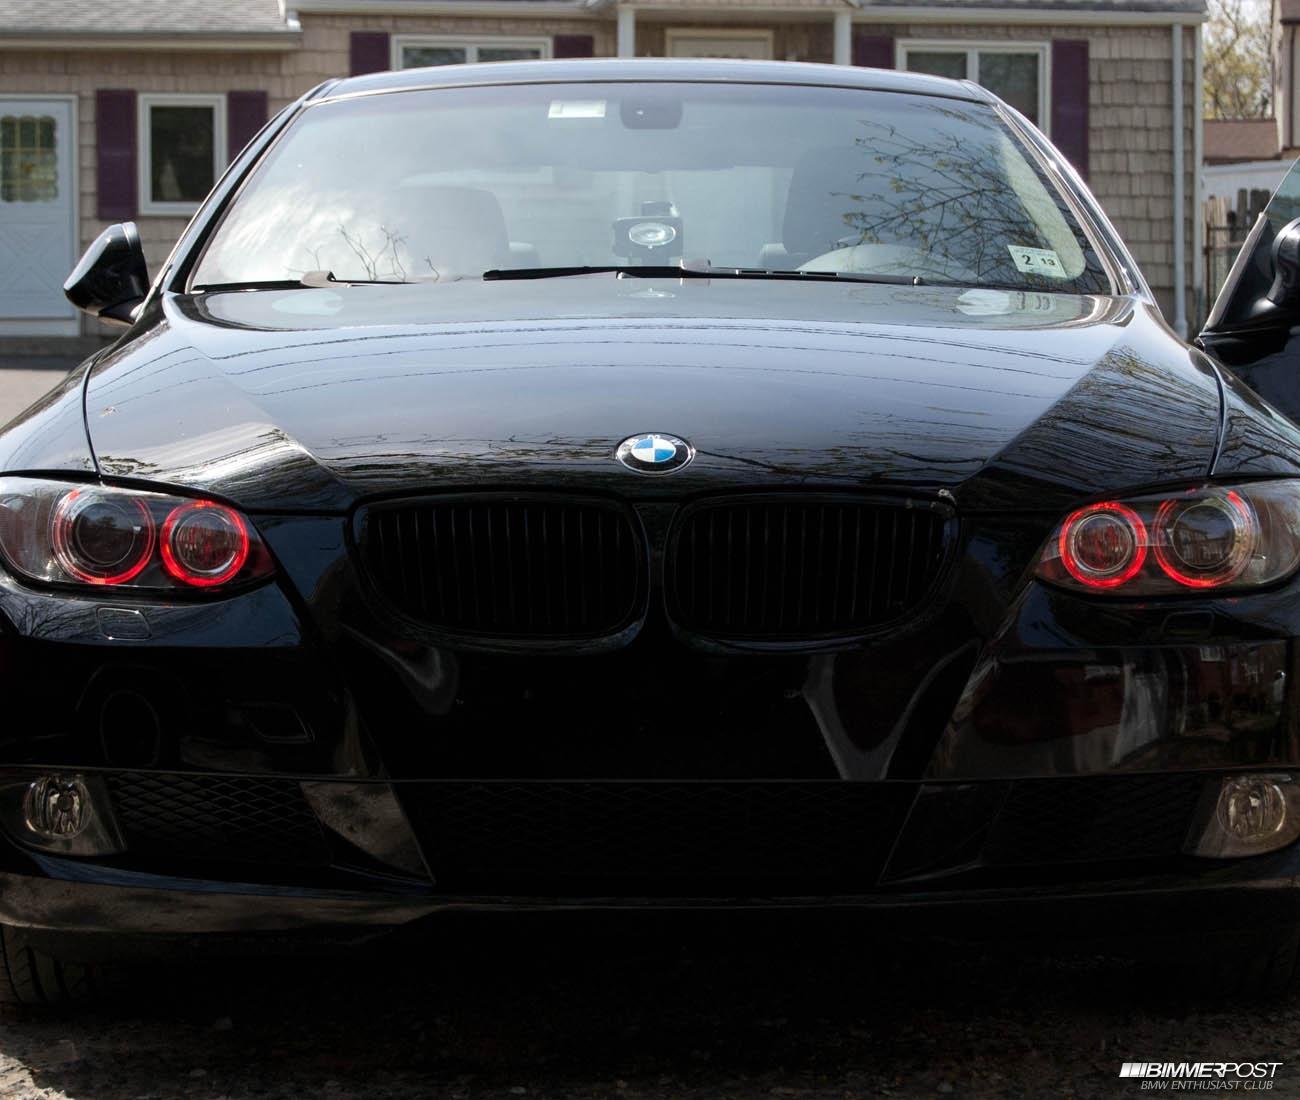 Longinuszero's 2008 BMW 328i